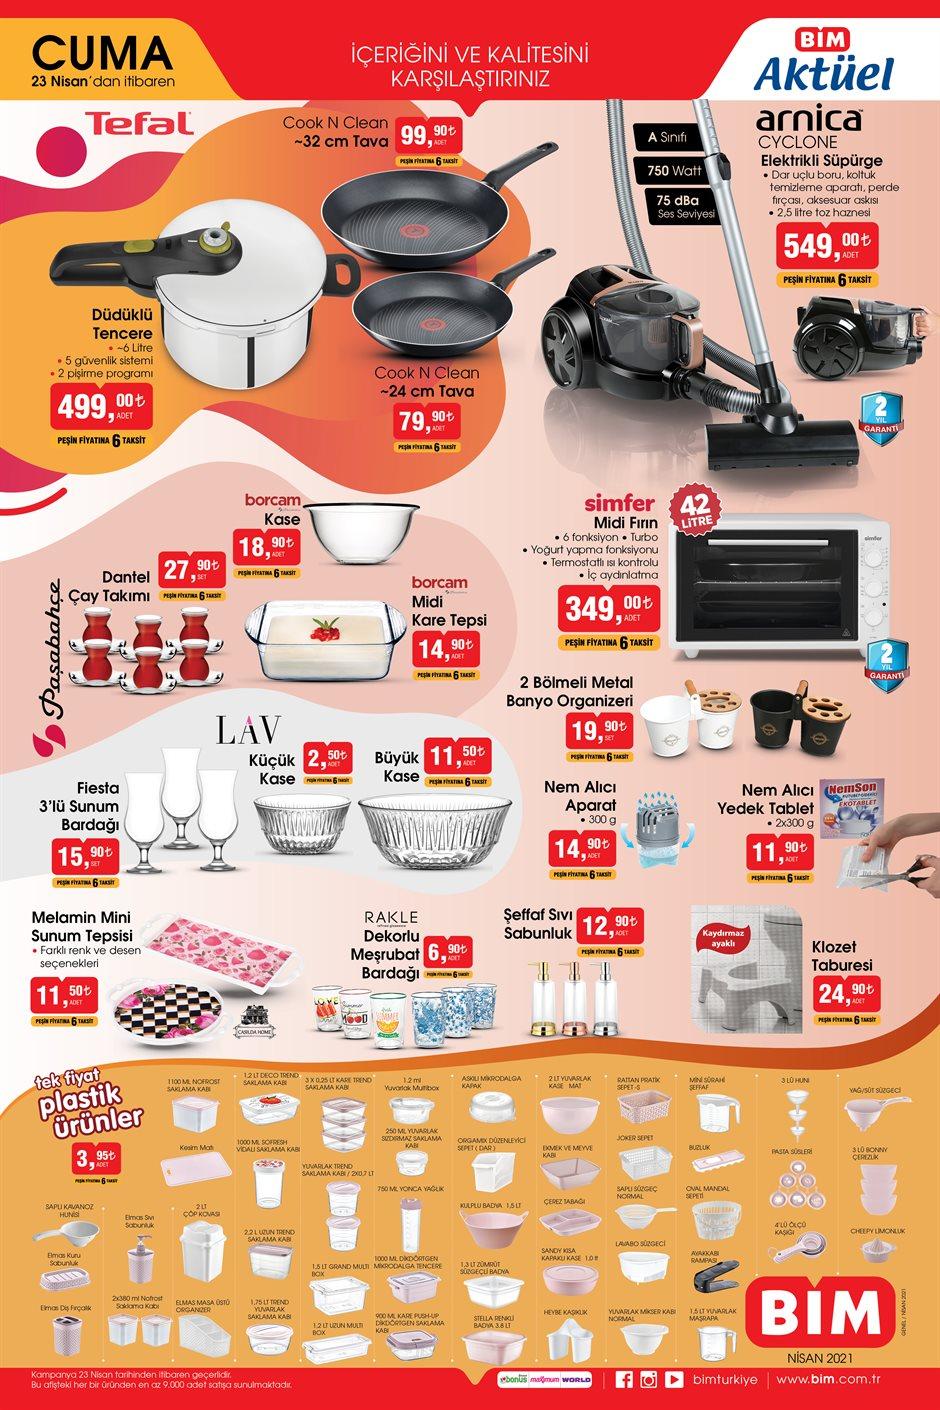 afis PVS4H0TQSYT 150 23 nisan tefal - العديد من الأجهزة الإلكترونية والعروض المميزة في متجر بيــم BİM يوم الجمعة 23.04.2021